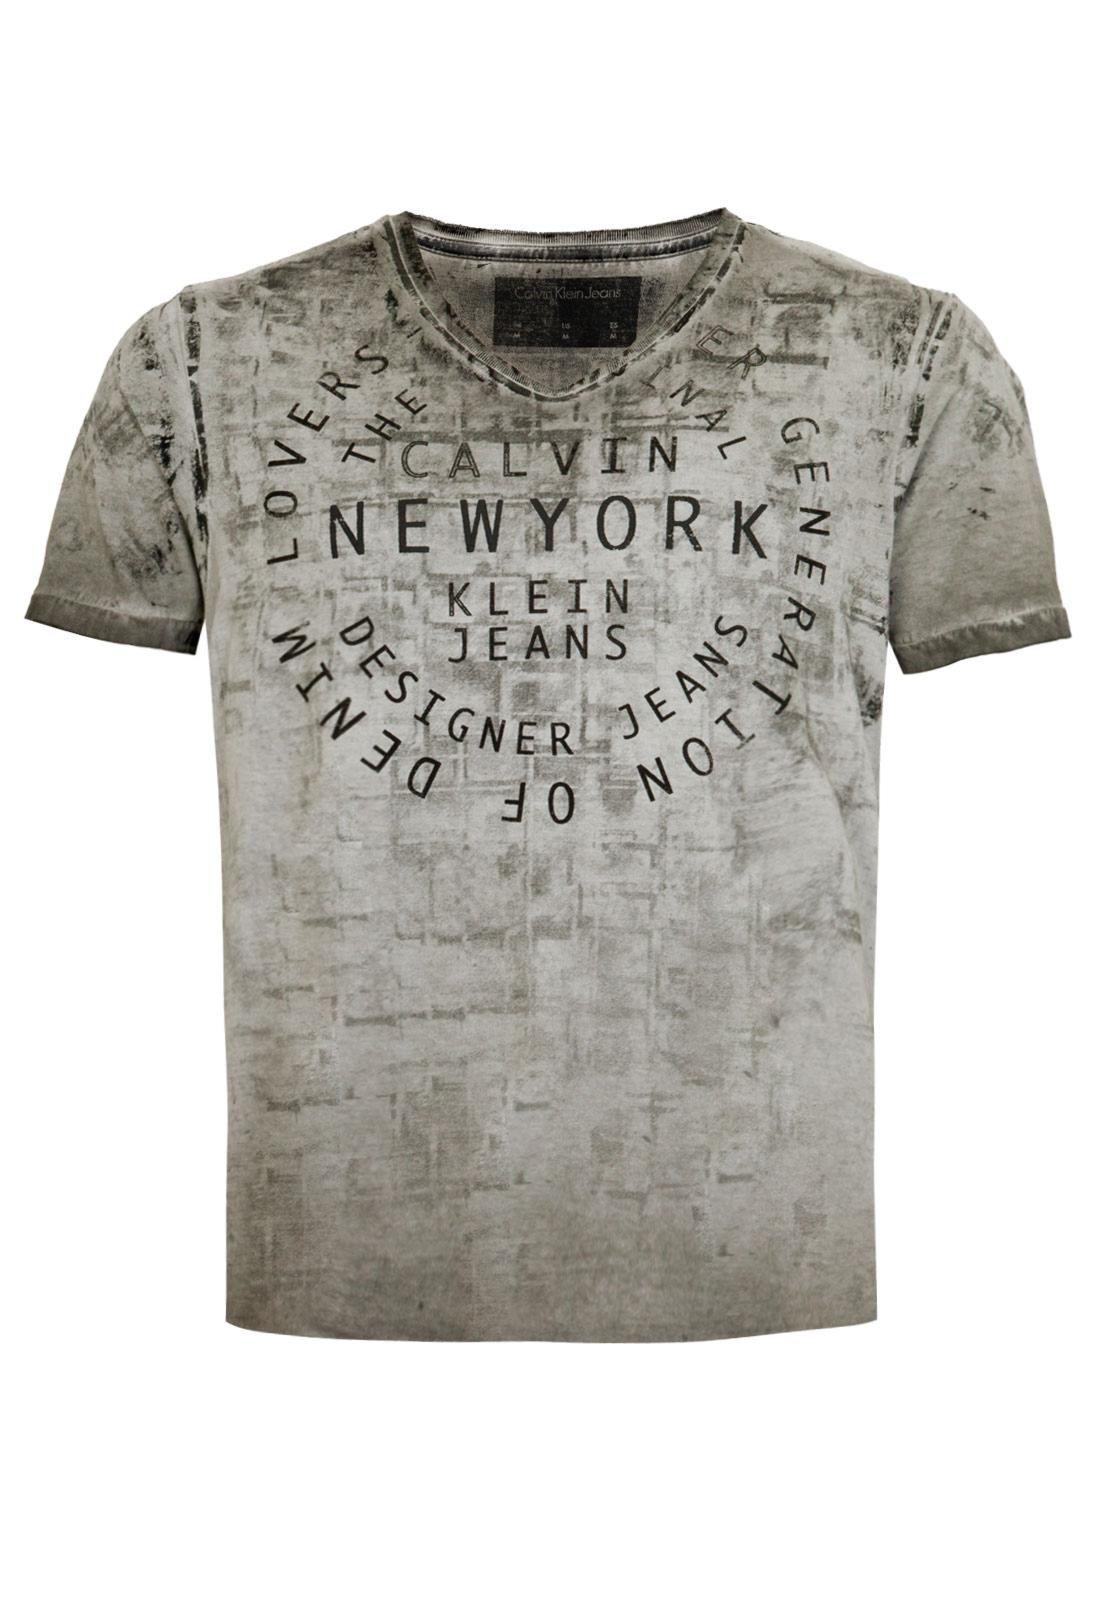 Calvin Klein Calvin Klein Masculino, Camisetas Masculinas, Renato, Estampas,  Pesquisa, Homens 38e6718128